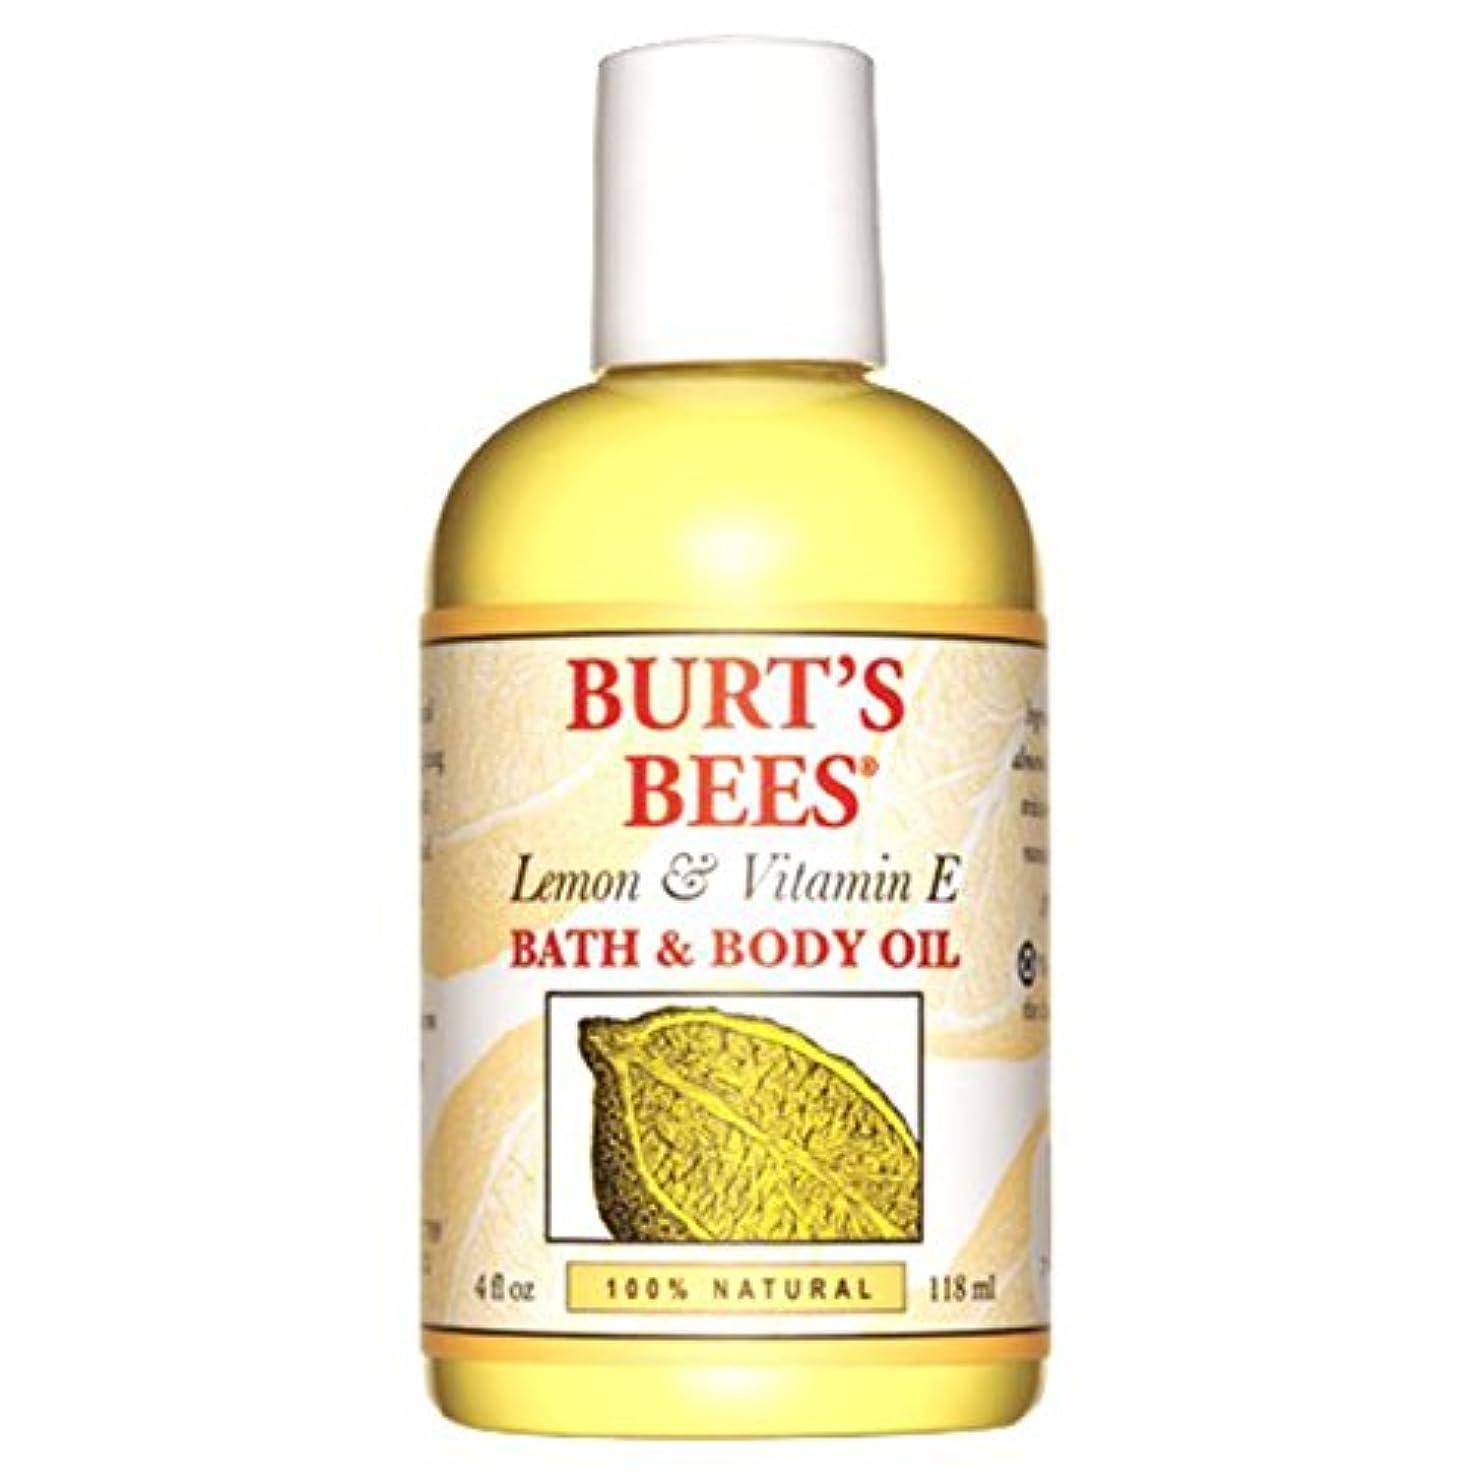 ウナギの慈悲で表向きバーツビーズ (Burt's Bees) L&E バス&ボディオイル 118ml